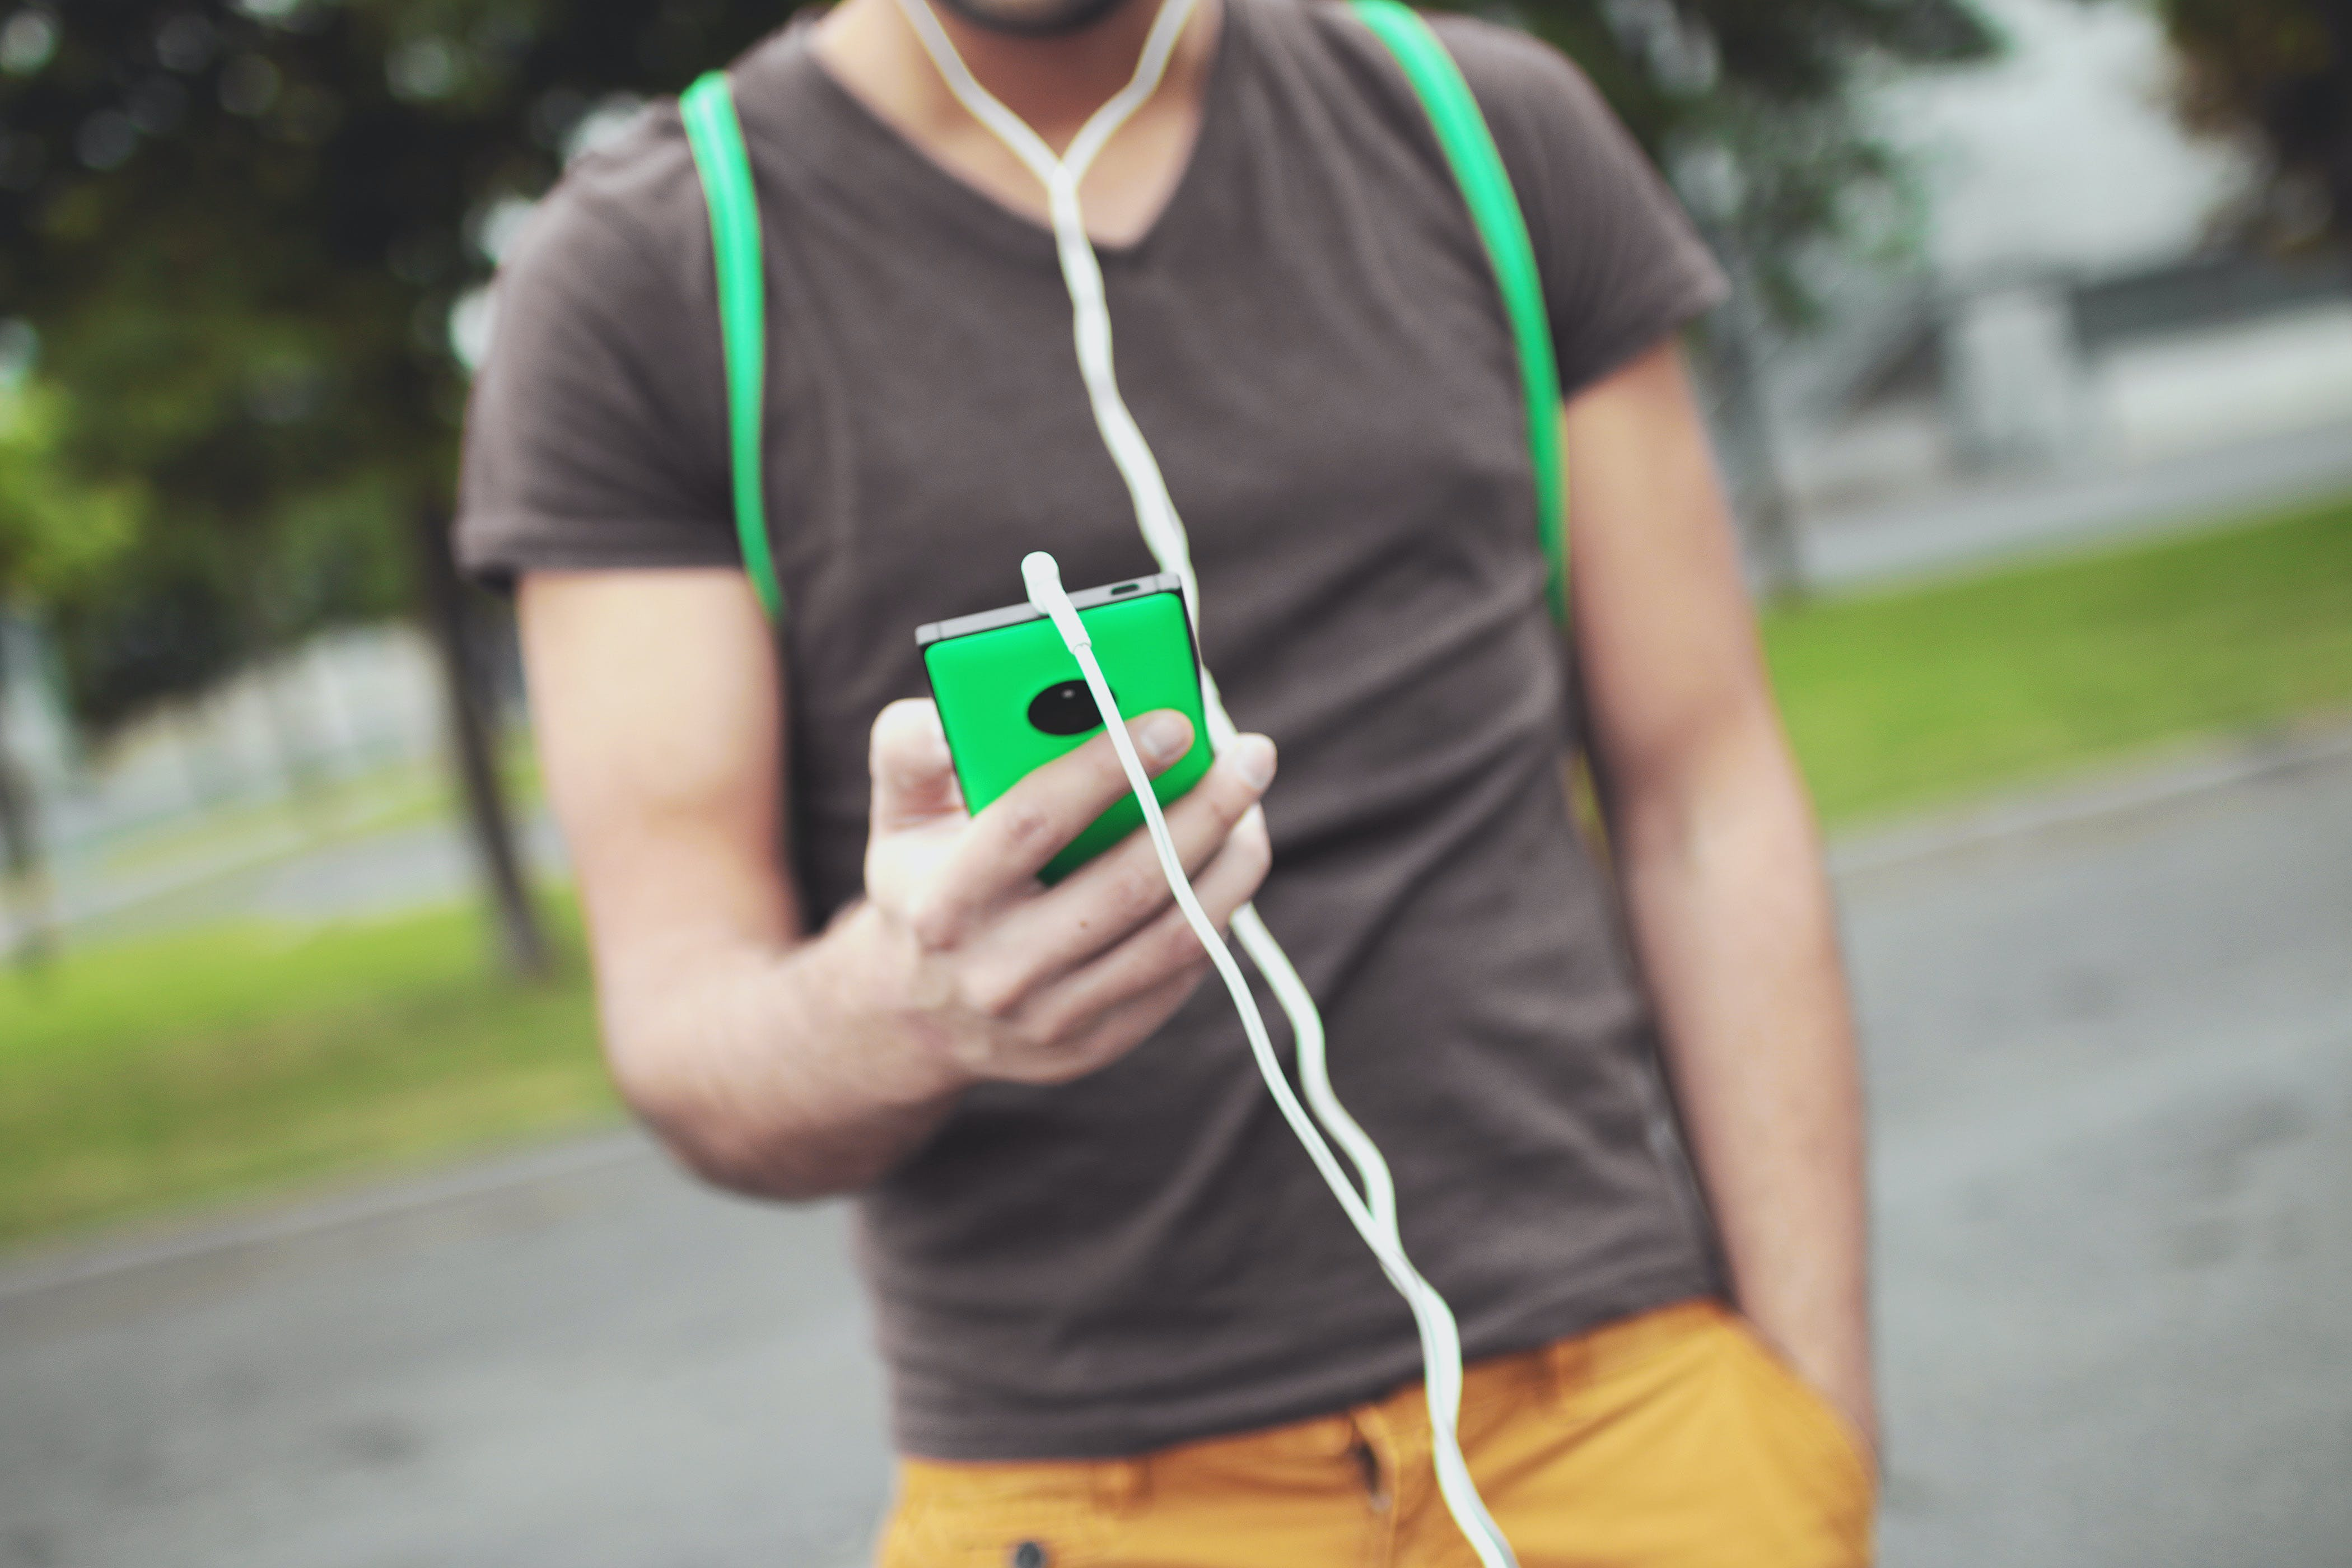 おとこ, スマートフォン, タッチ, タッチスクリーンの無料の写真素材